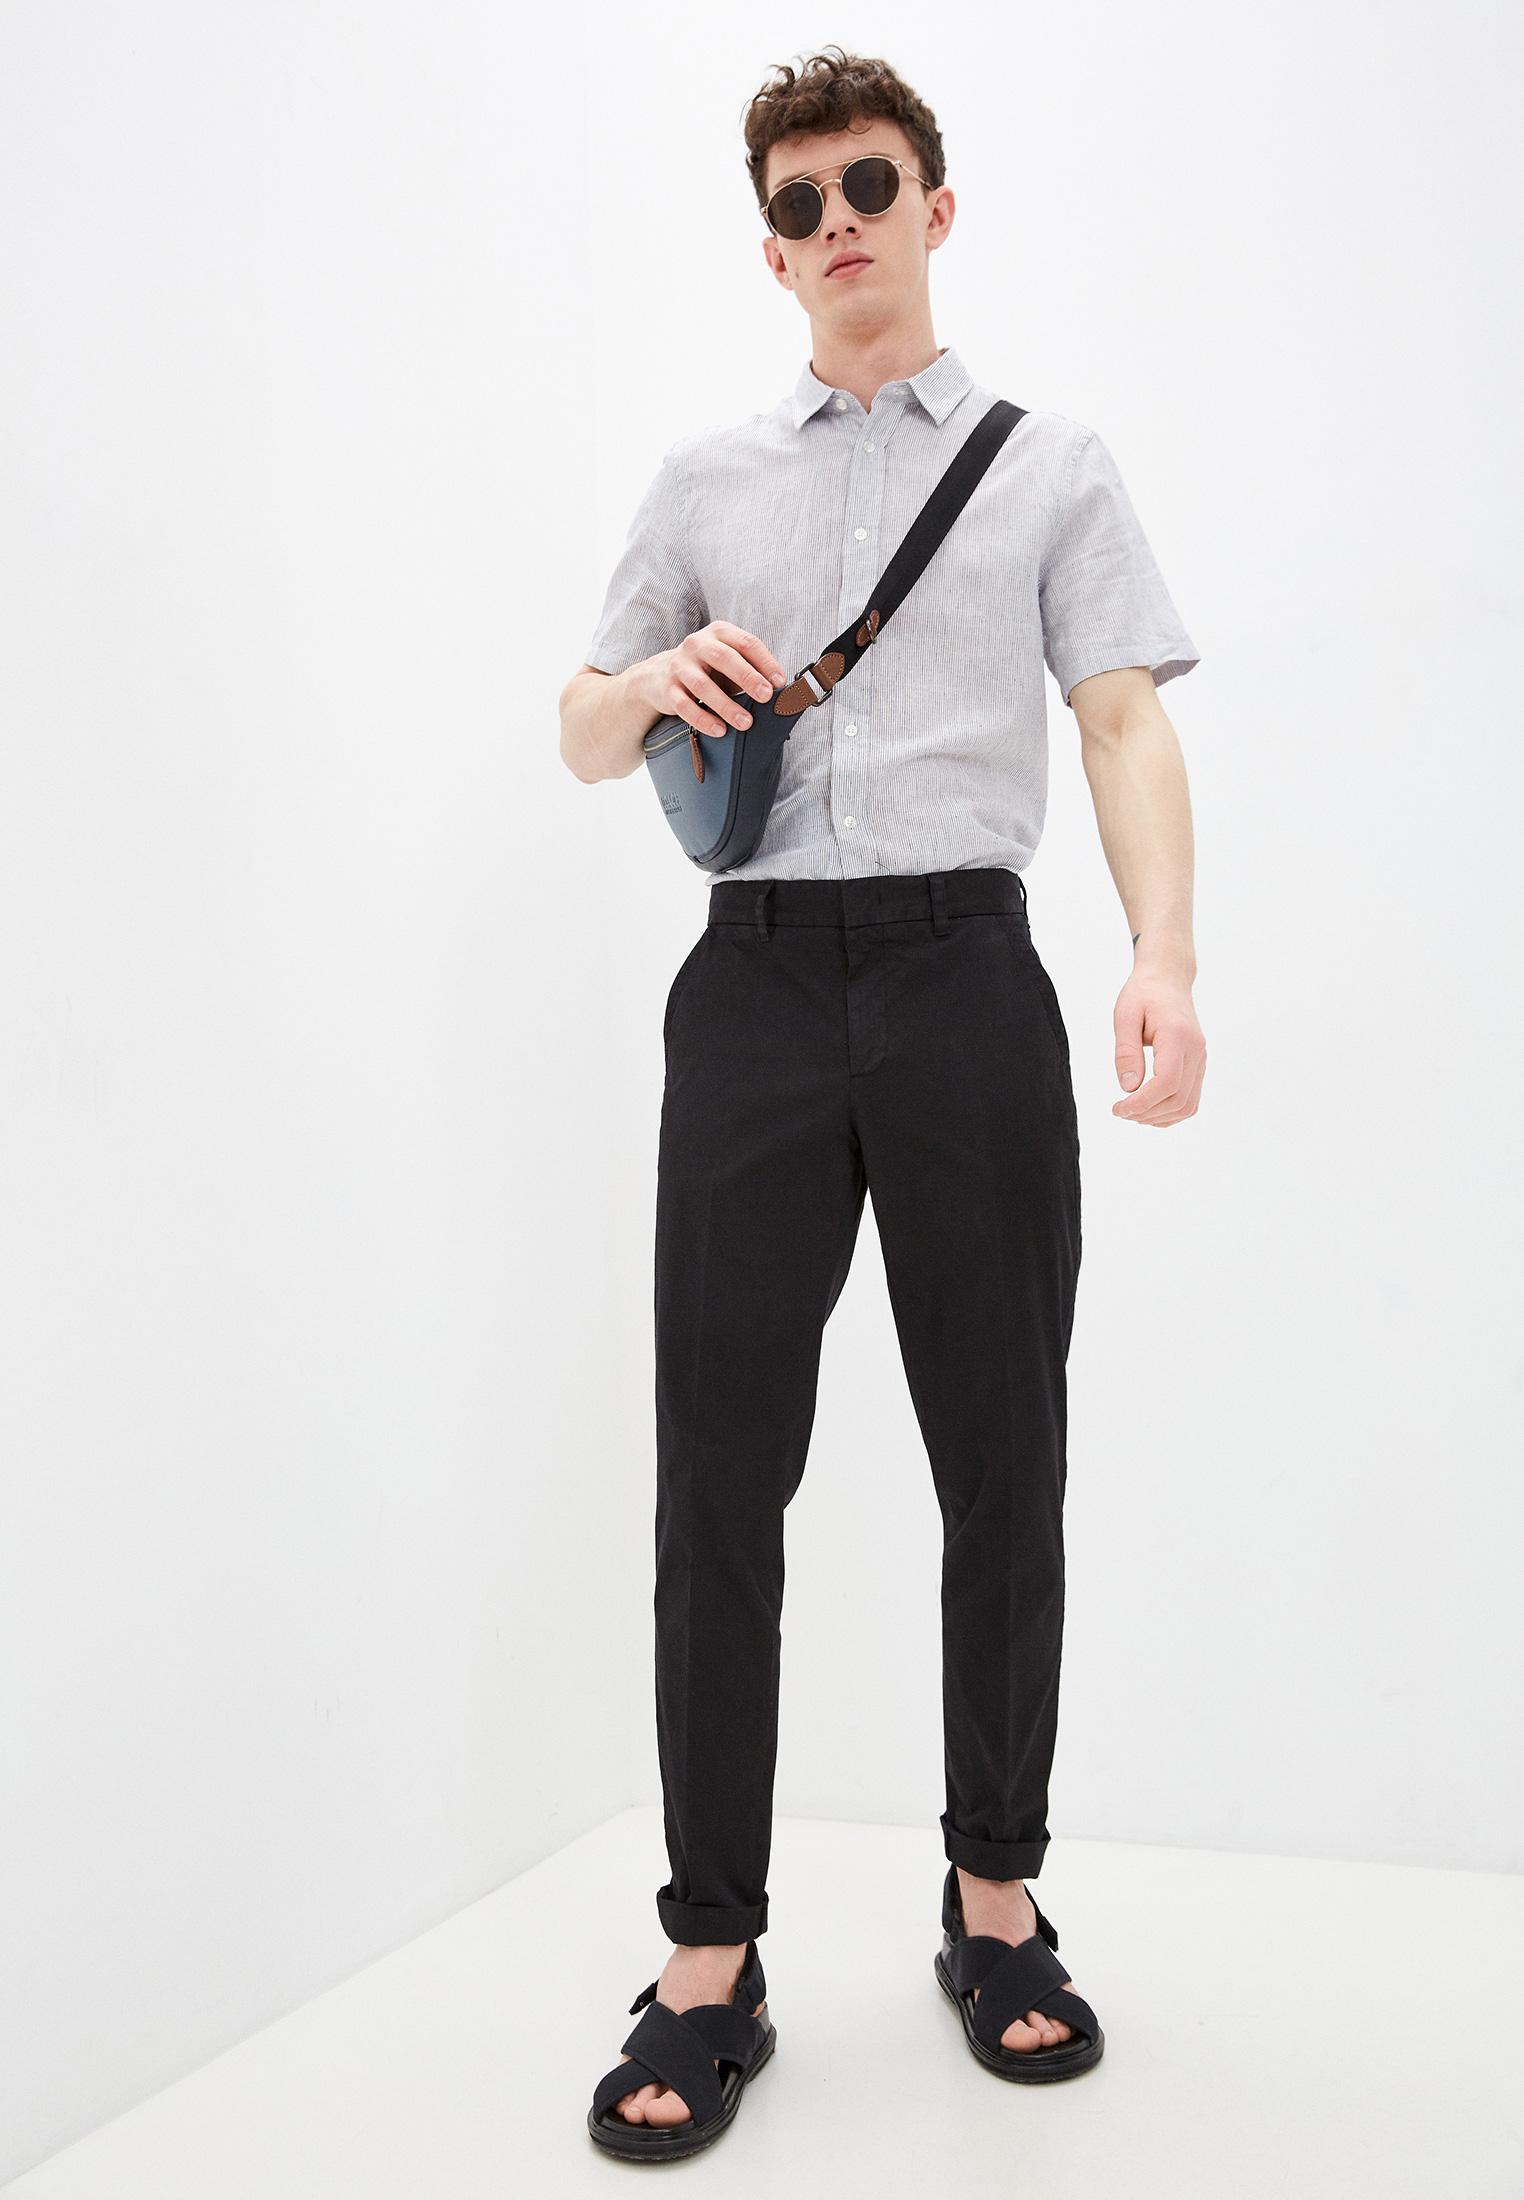 Рубашка с коротким рукавом Bikkembergs (Биккембергс) C C 026 04 T 9756: изображение 3